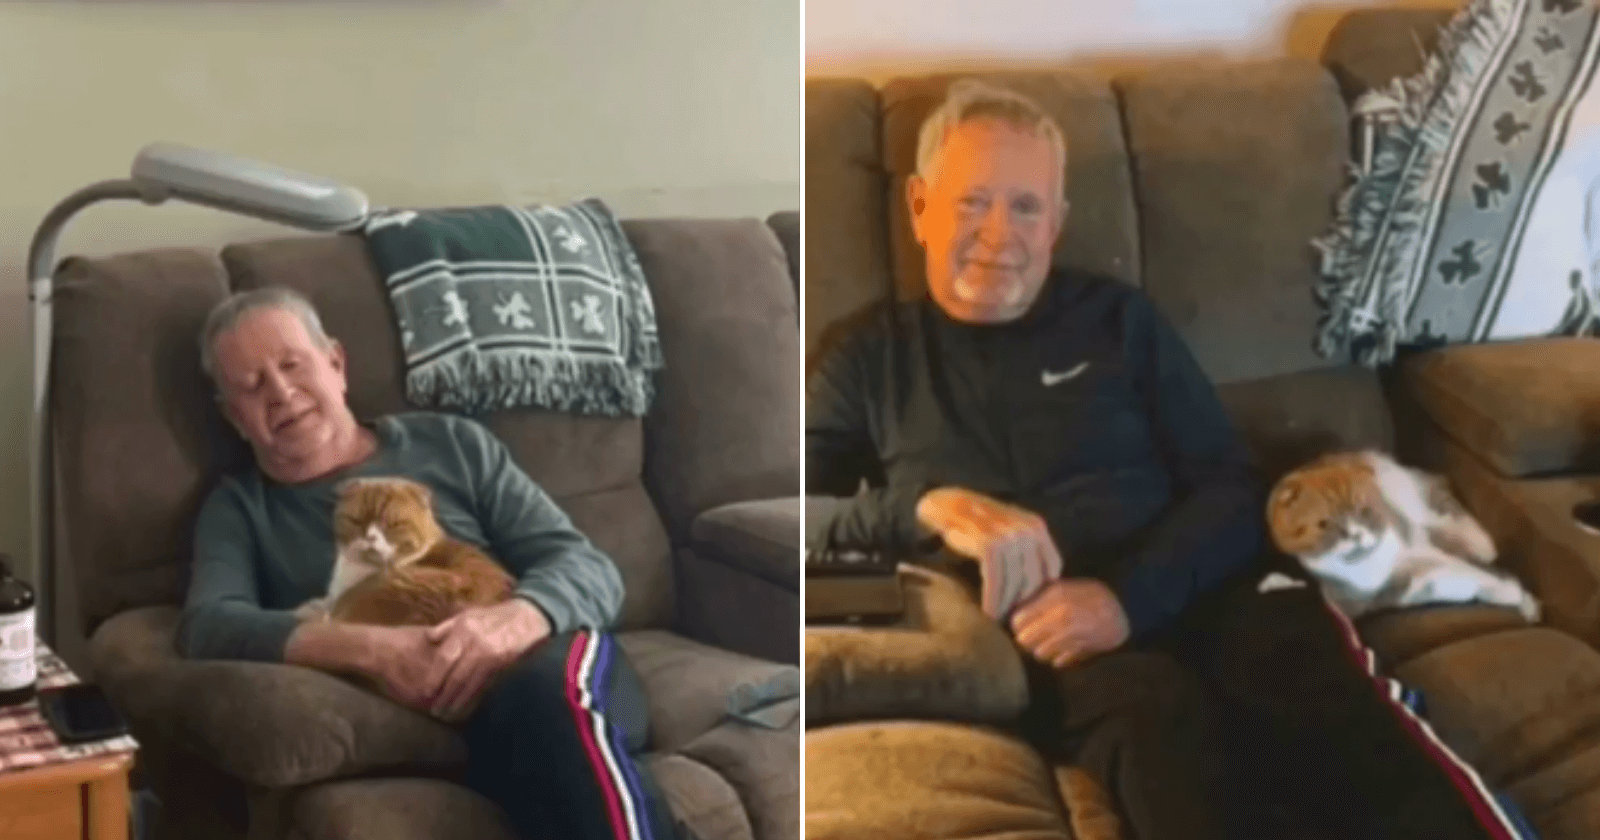 Diagnosticado com câncer, homem 'ganha' gata que não se separa dele